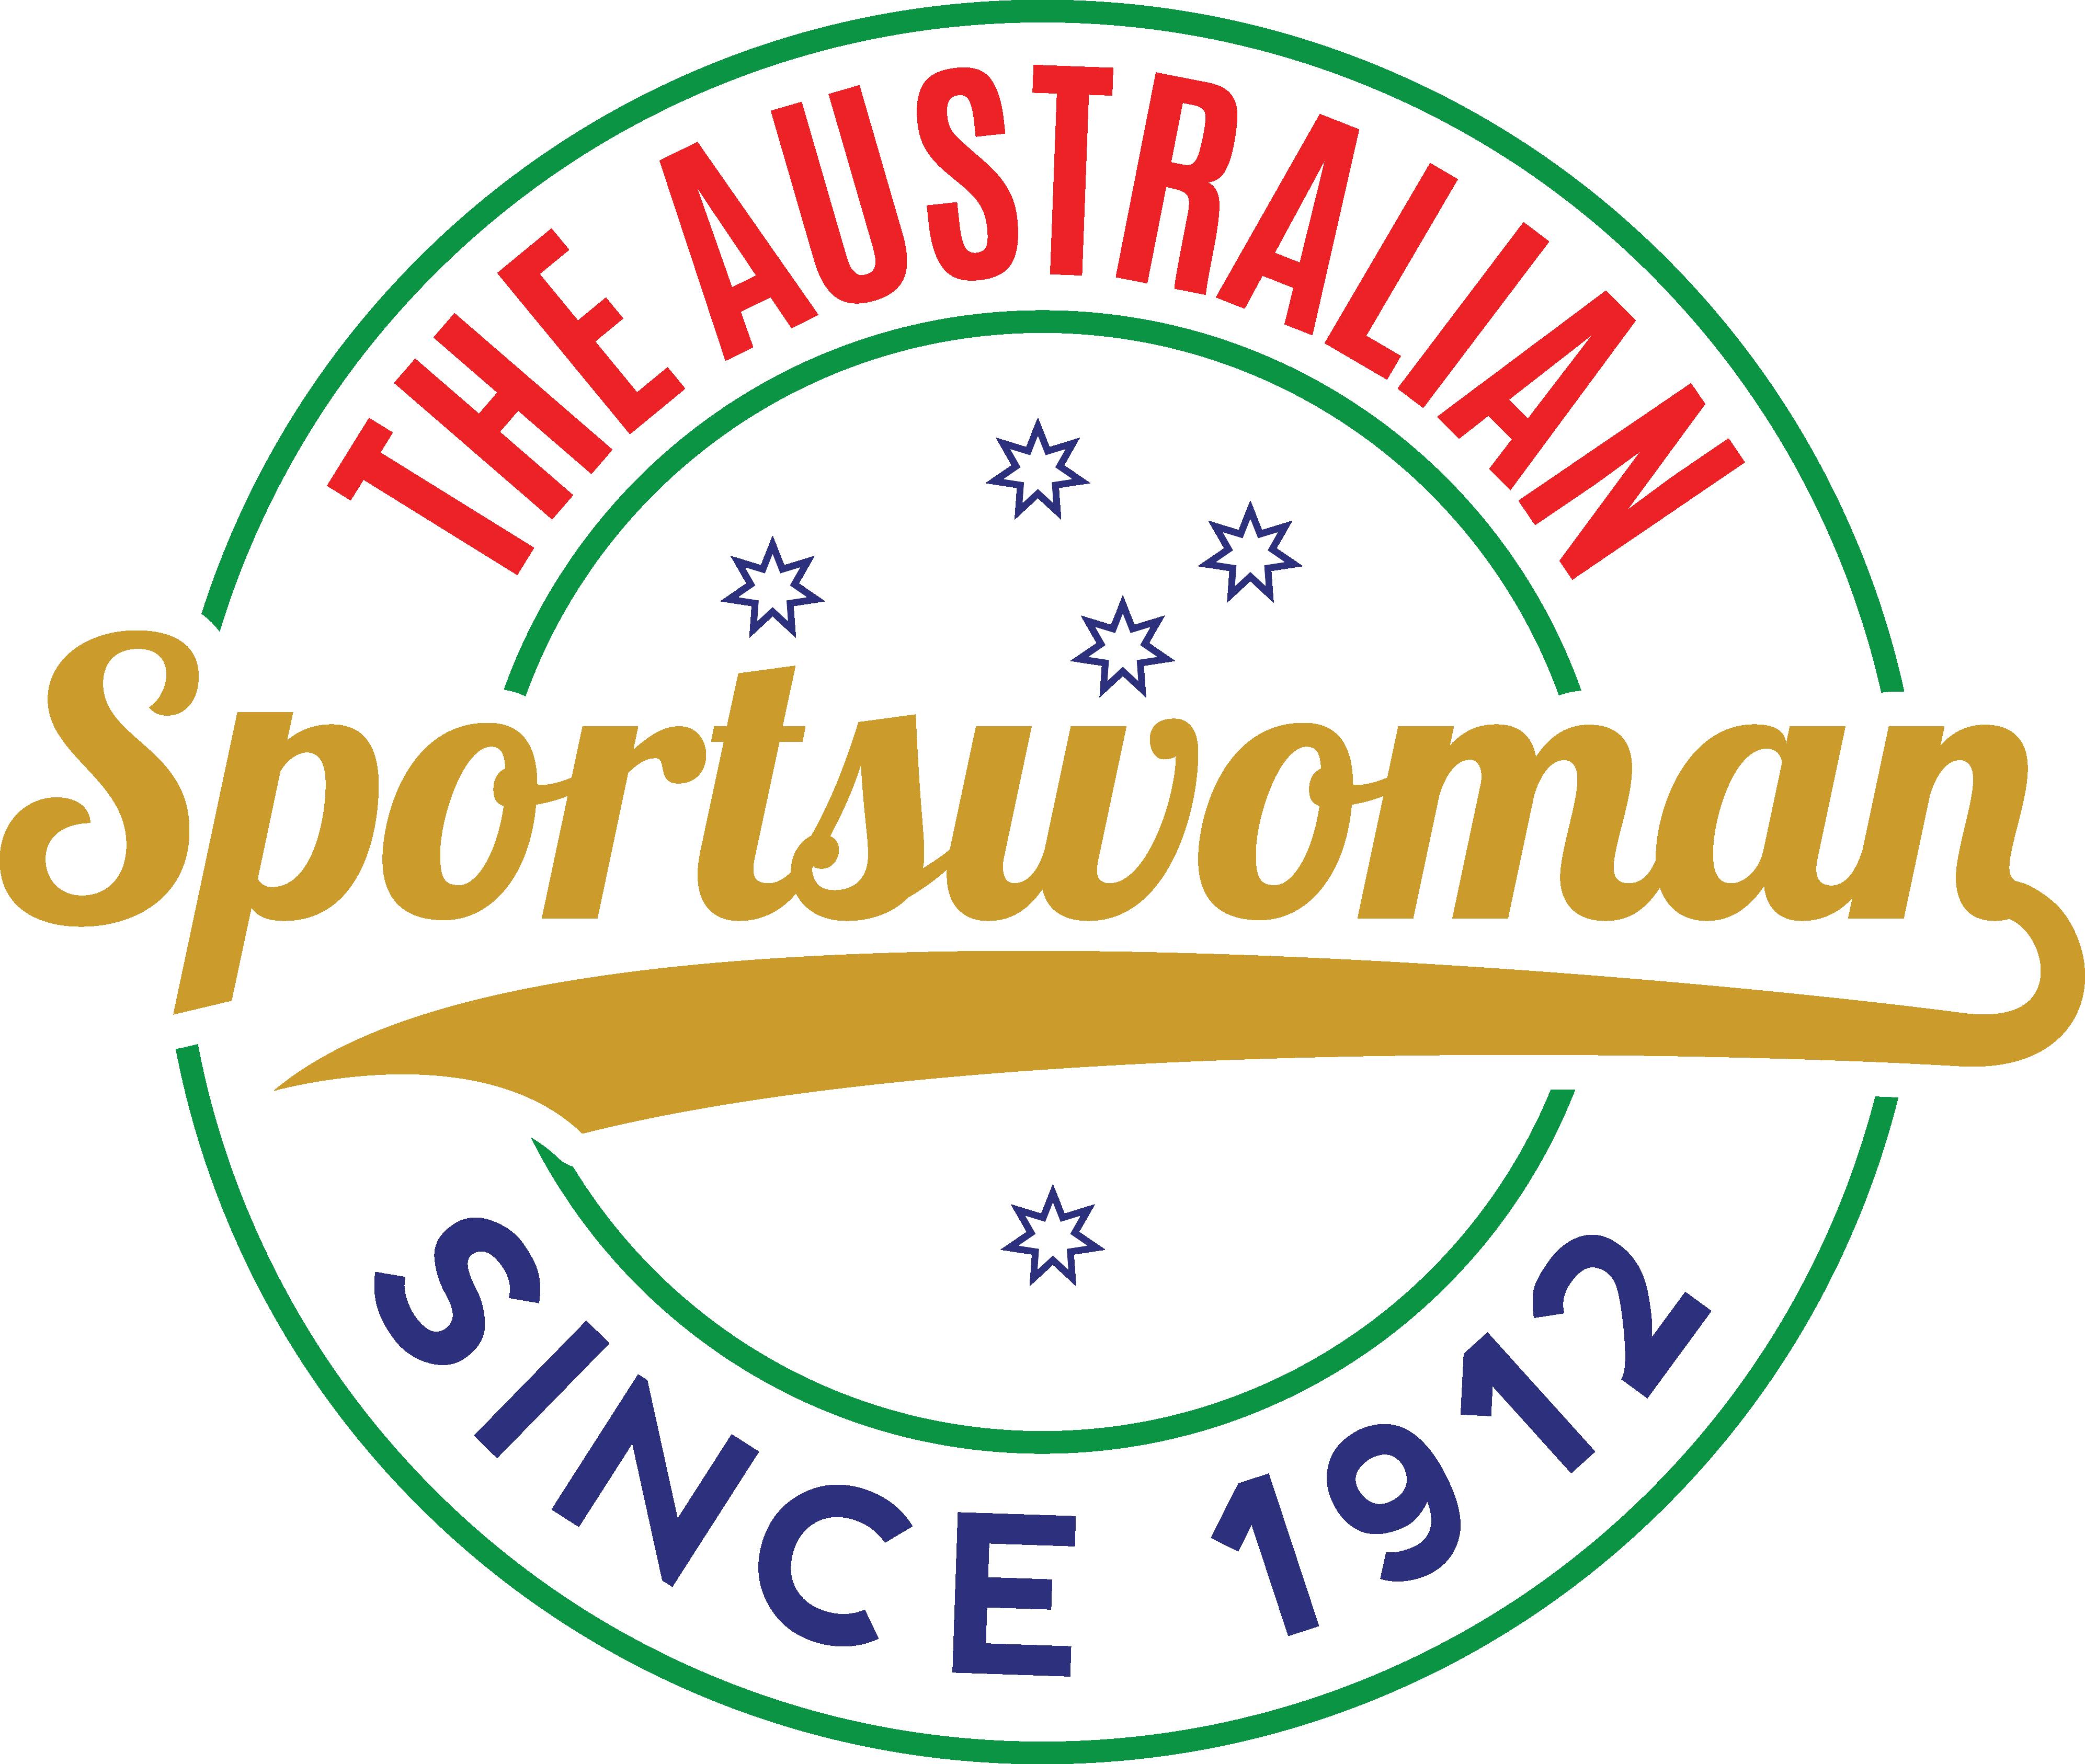 The Australian Sportswoman